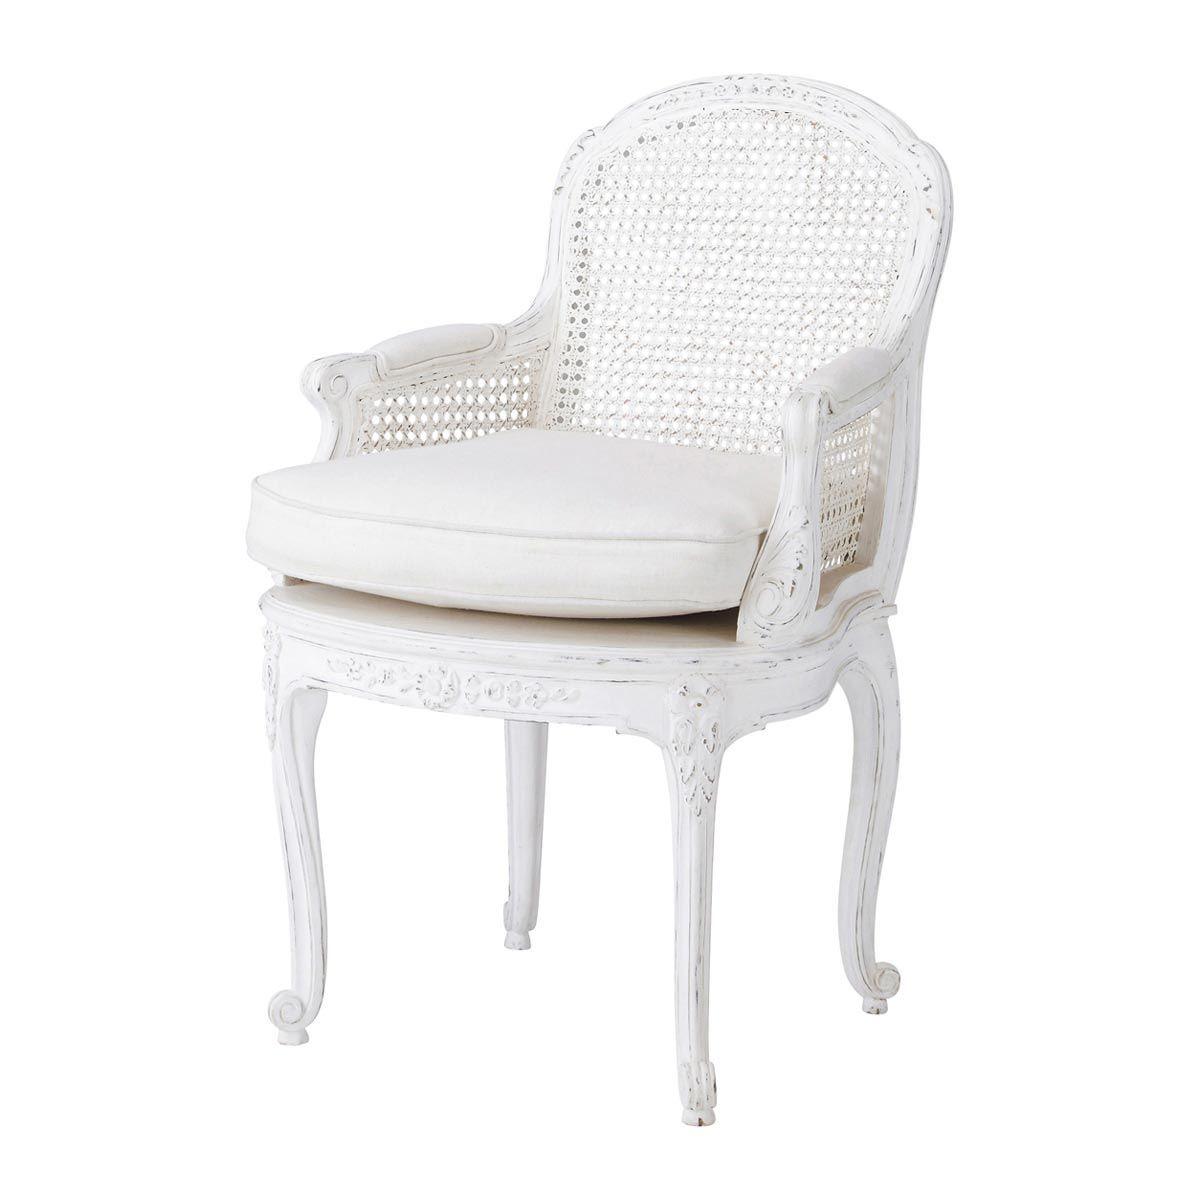 Round Wicker Chair, White Armchair, Furniture